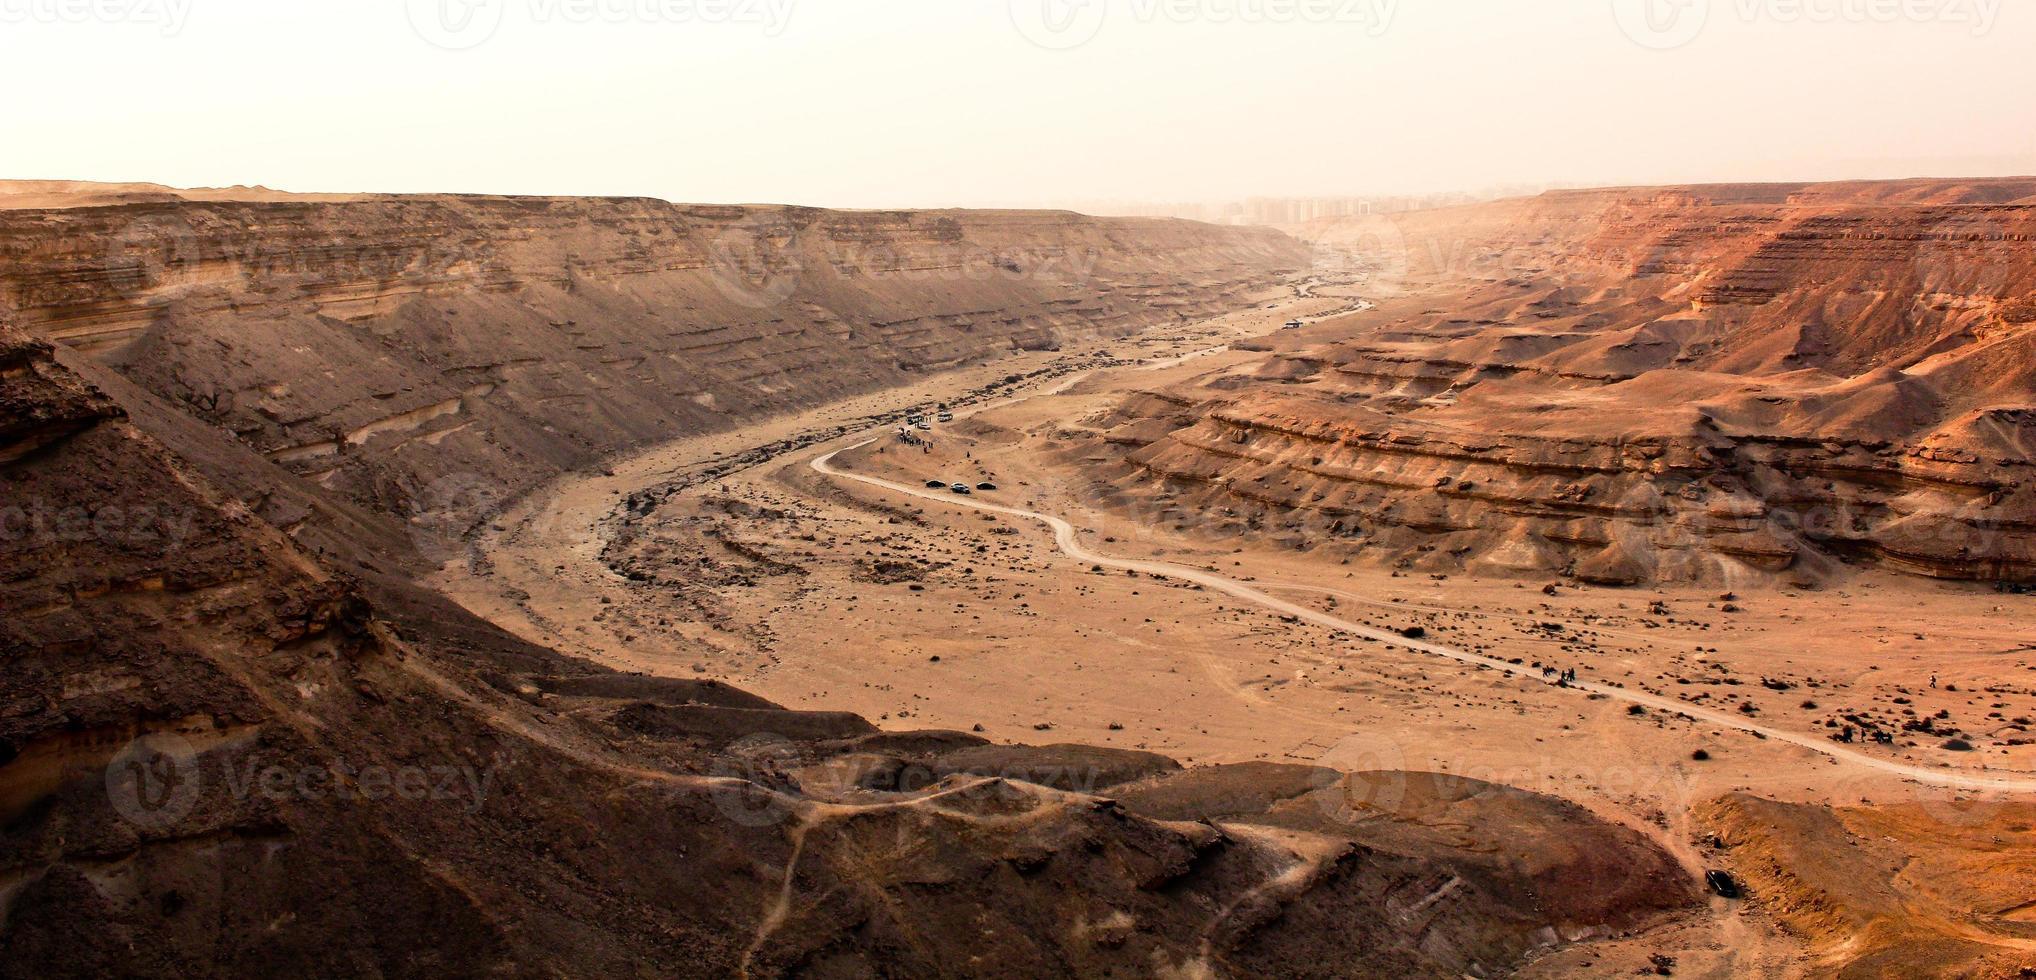 el desierto elrayan valley sahara foto